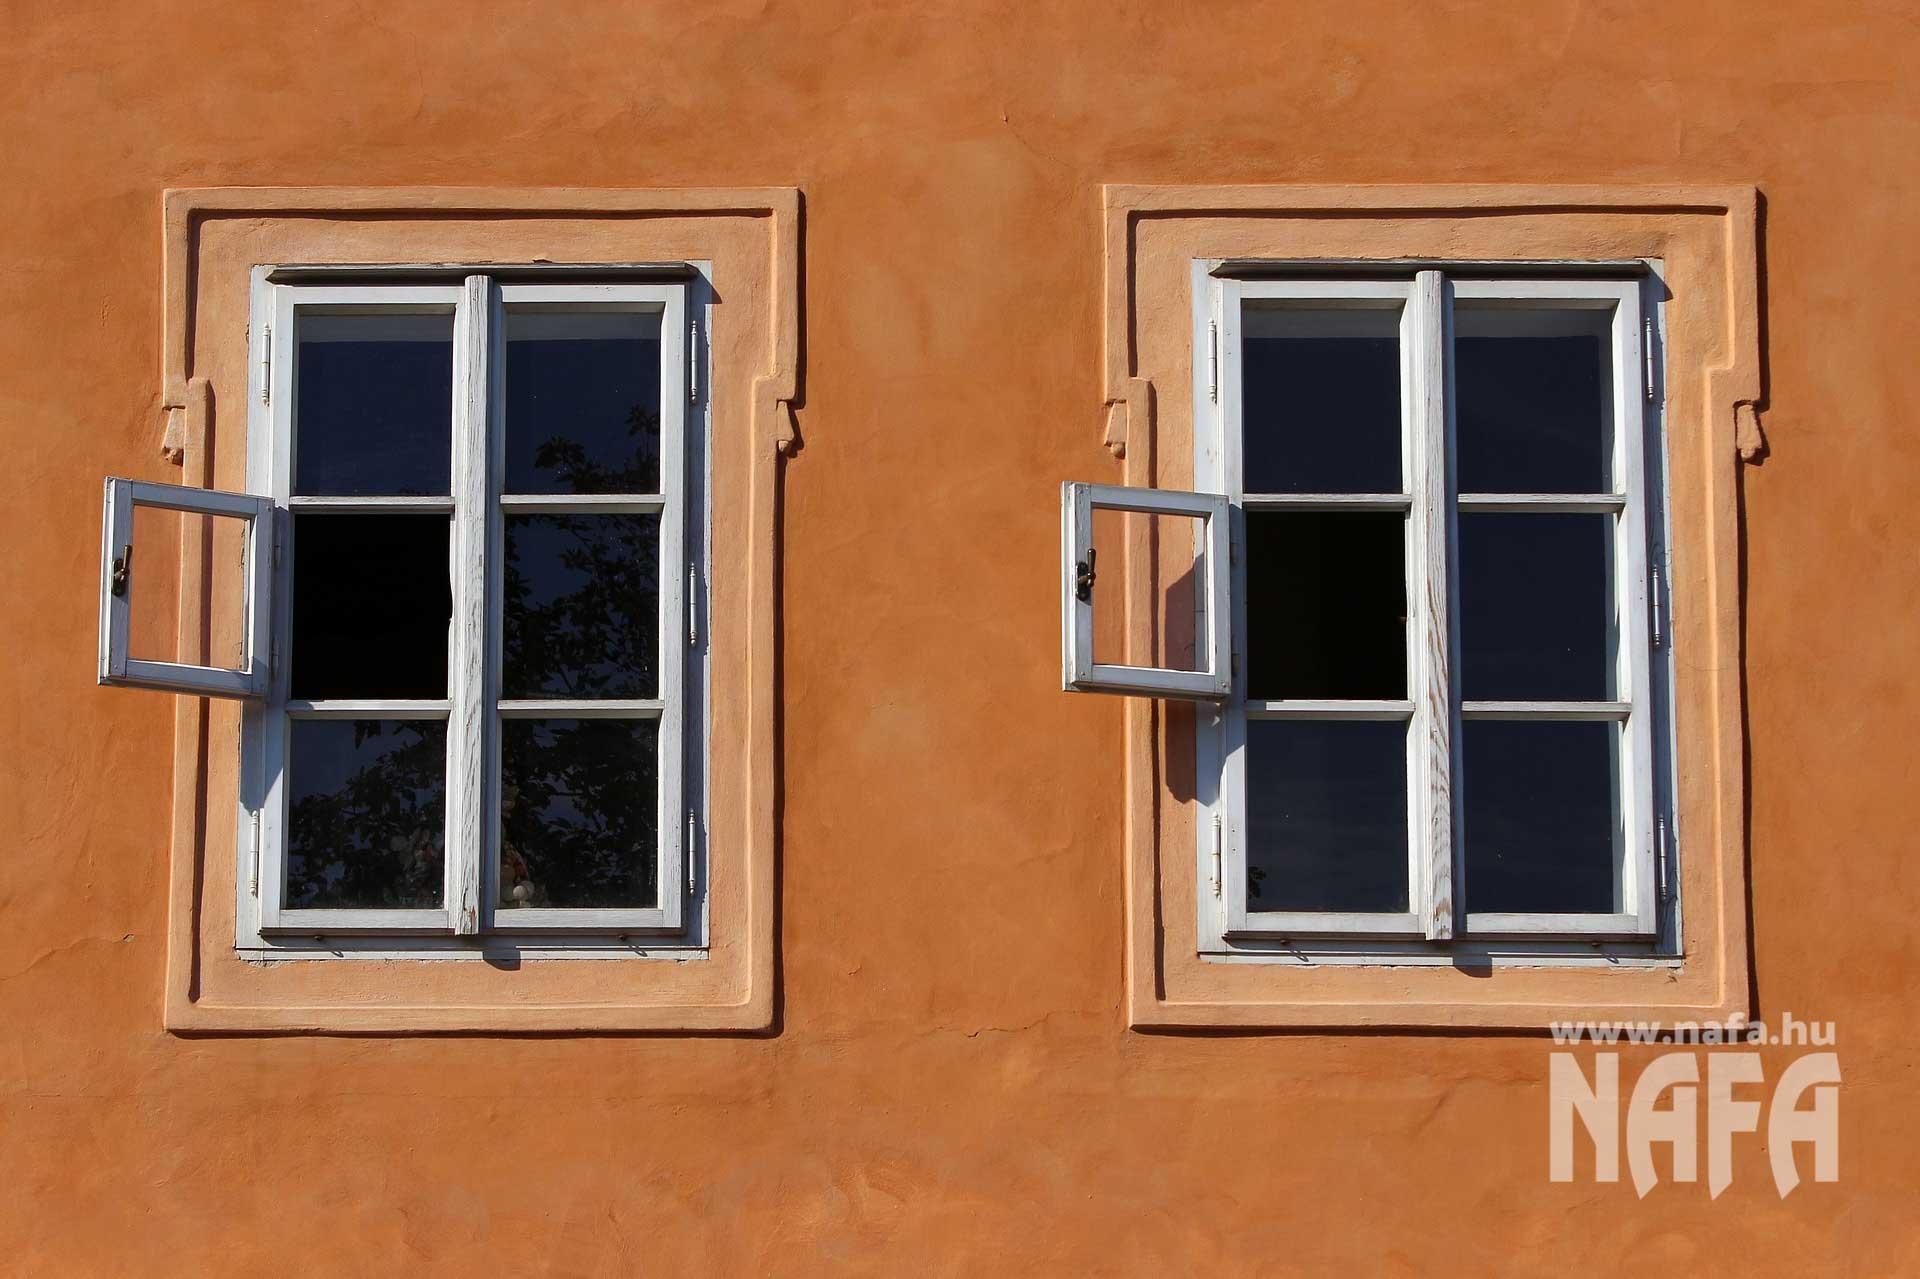 Régi ablak